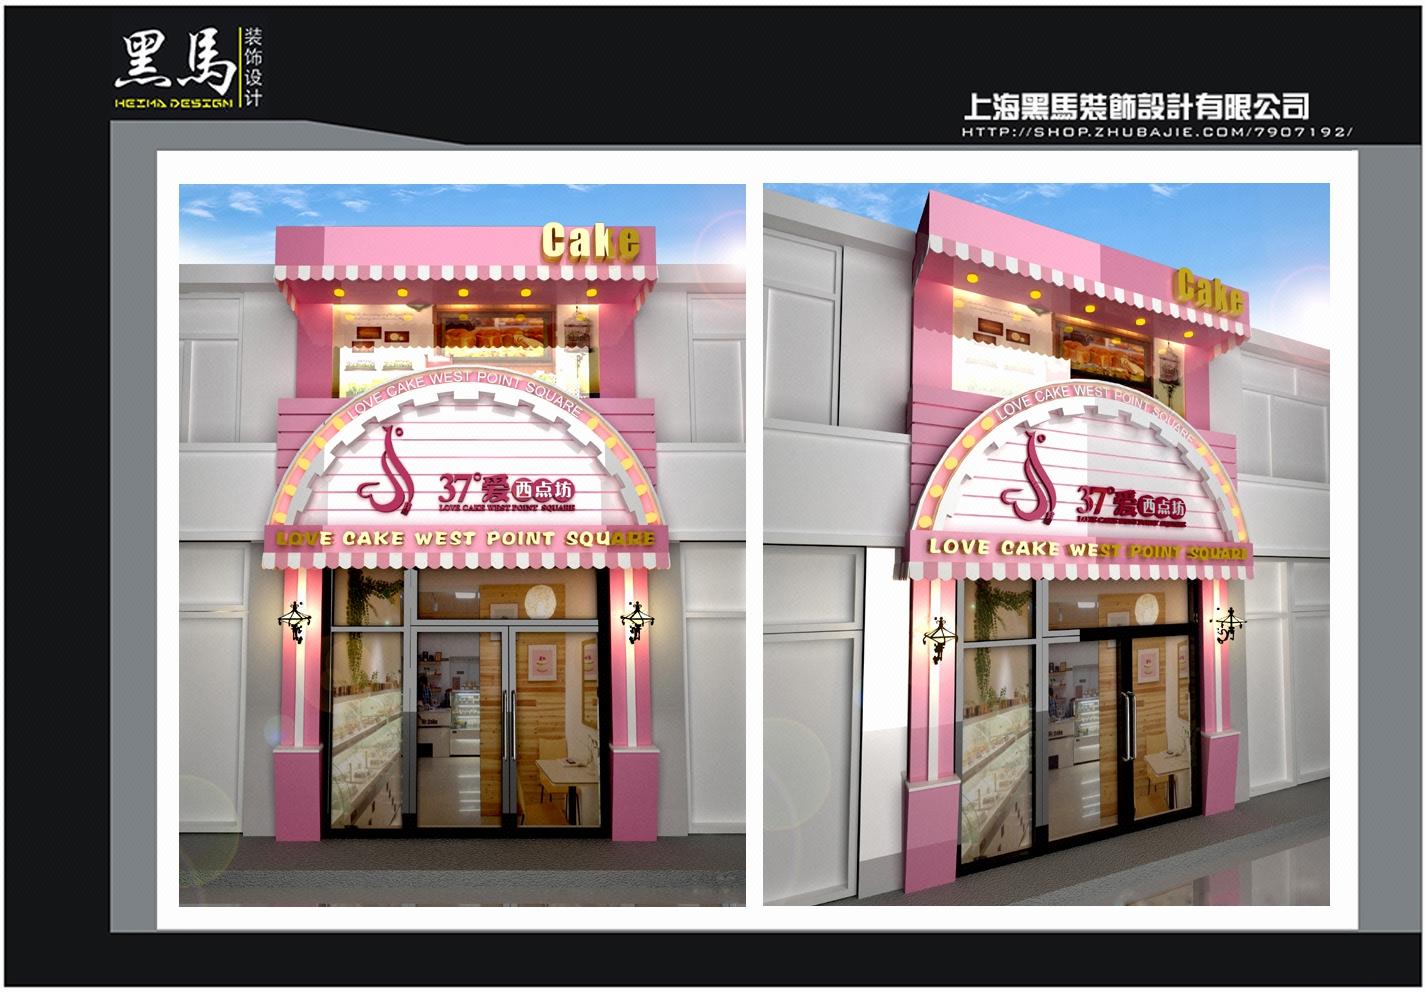 鲜榨果汁店效果图_餐饮、店铺设计、3D效果图、门面装修、装修设计、咖啡空间设计 ...